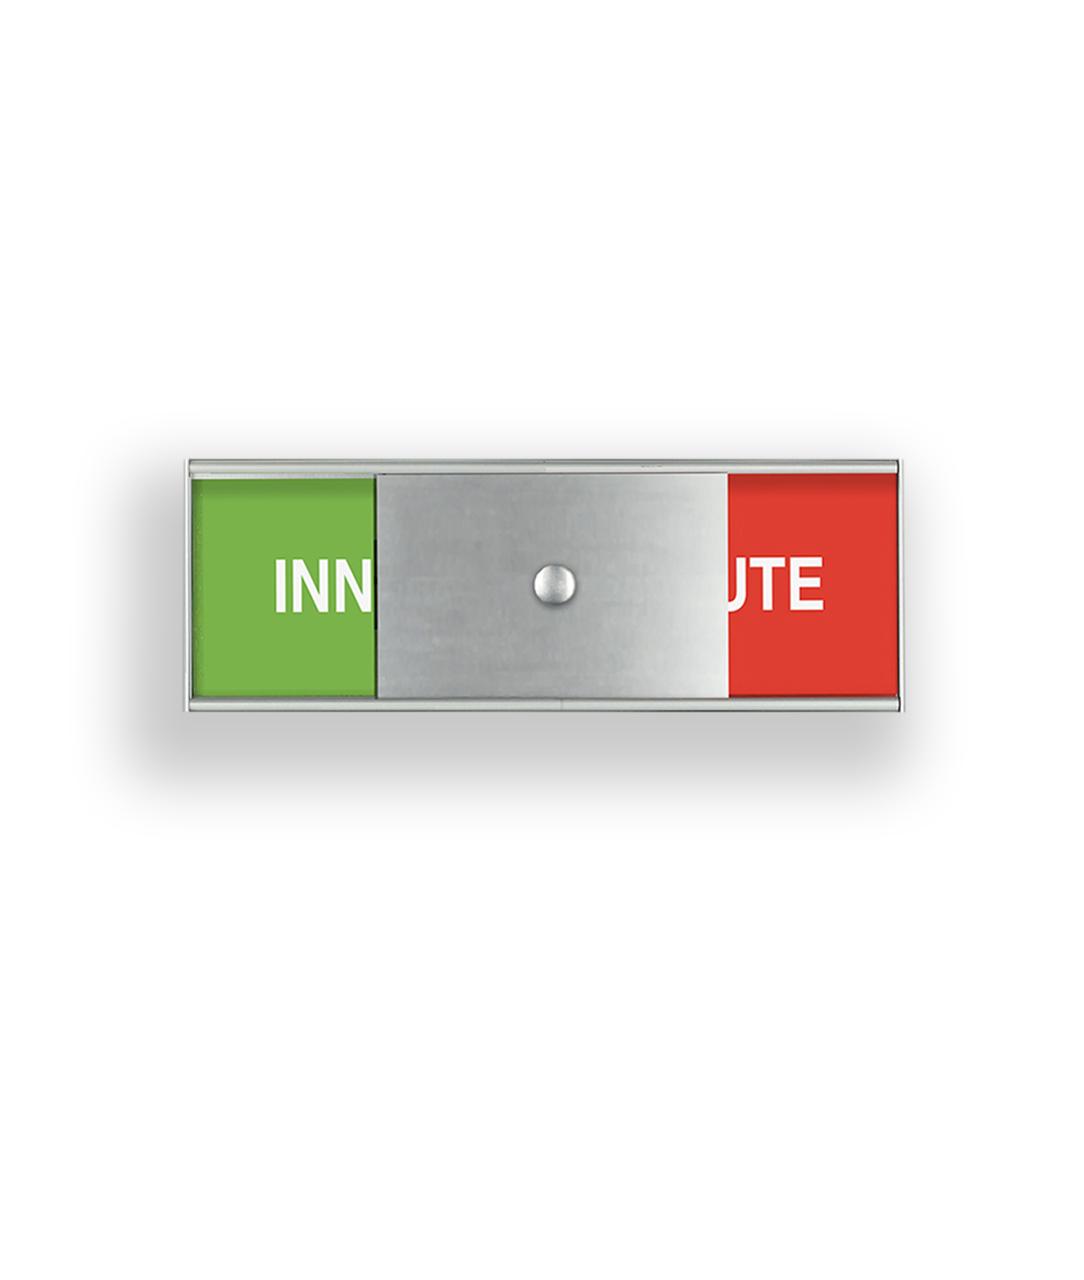 Plan Ledigt/Upptaget-skylt – SLIM (LU50150)